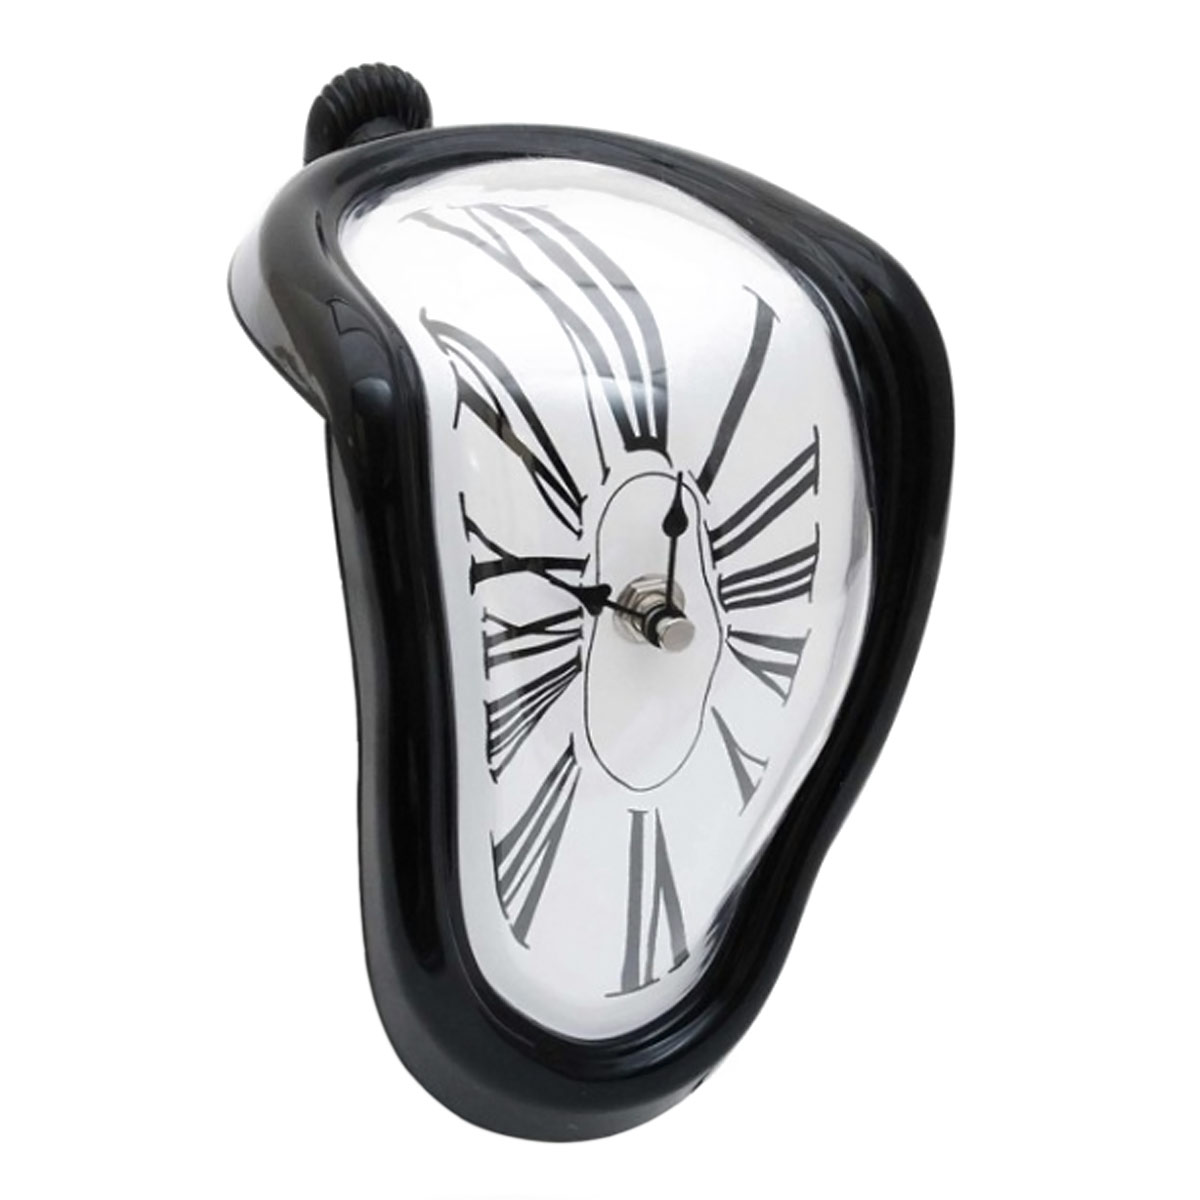 Salvador Dali Stil Schmelzende Uhr Zerfliessende Wanduhr Design Melting Clock